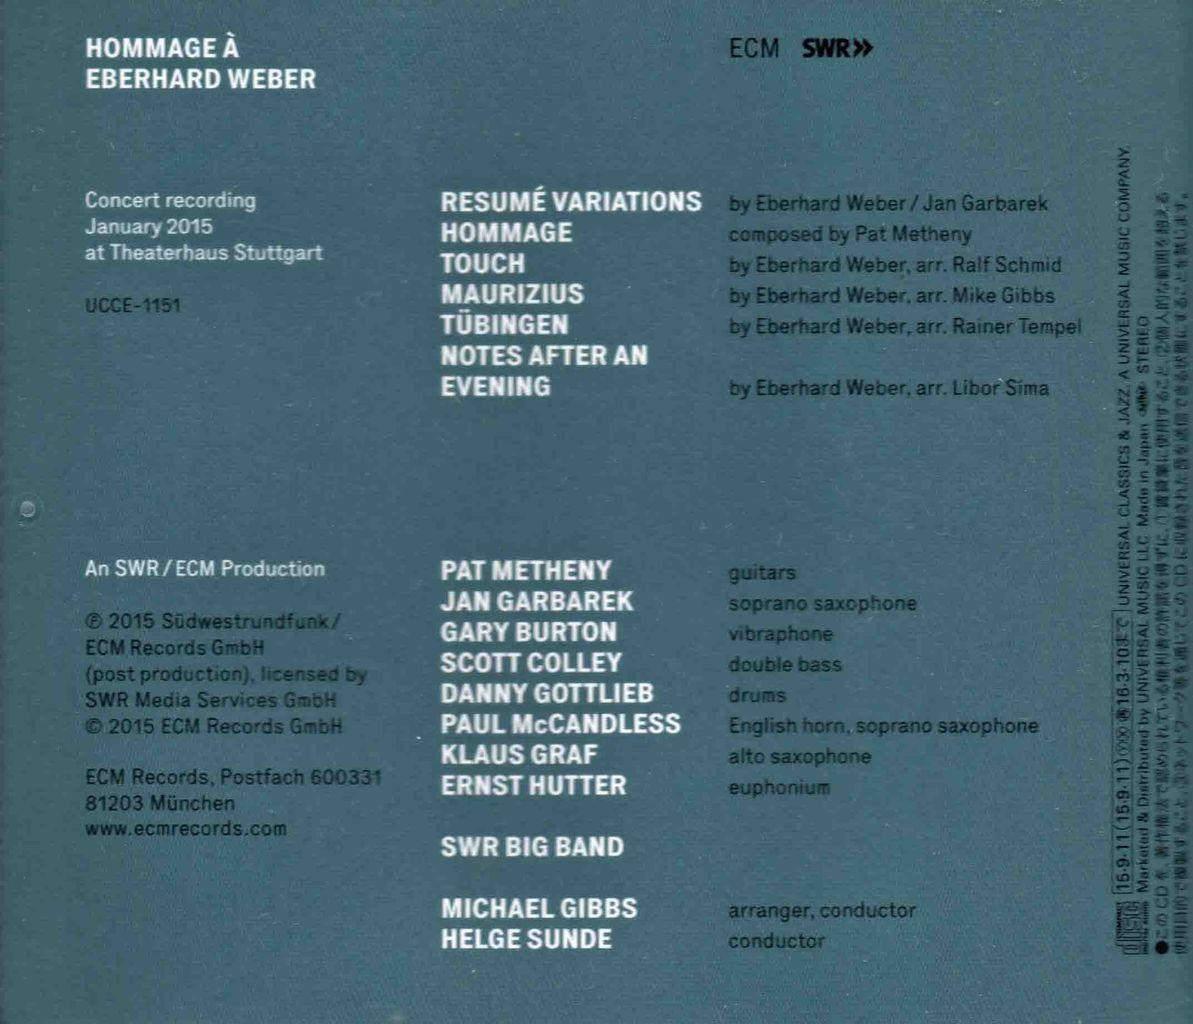 HOMMAGE A EBERHARD WEBER-2